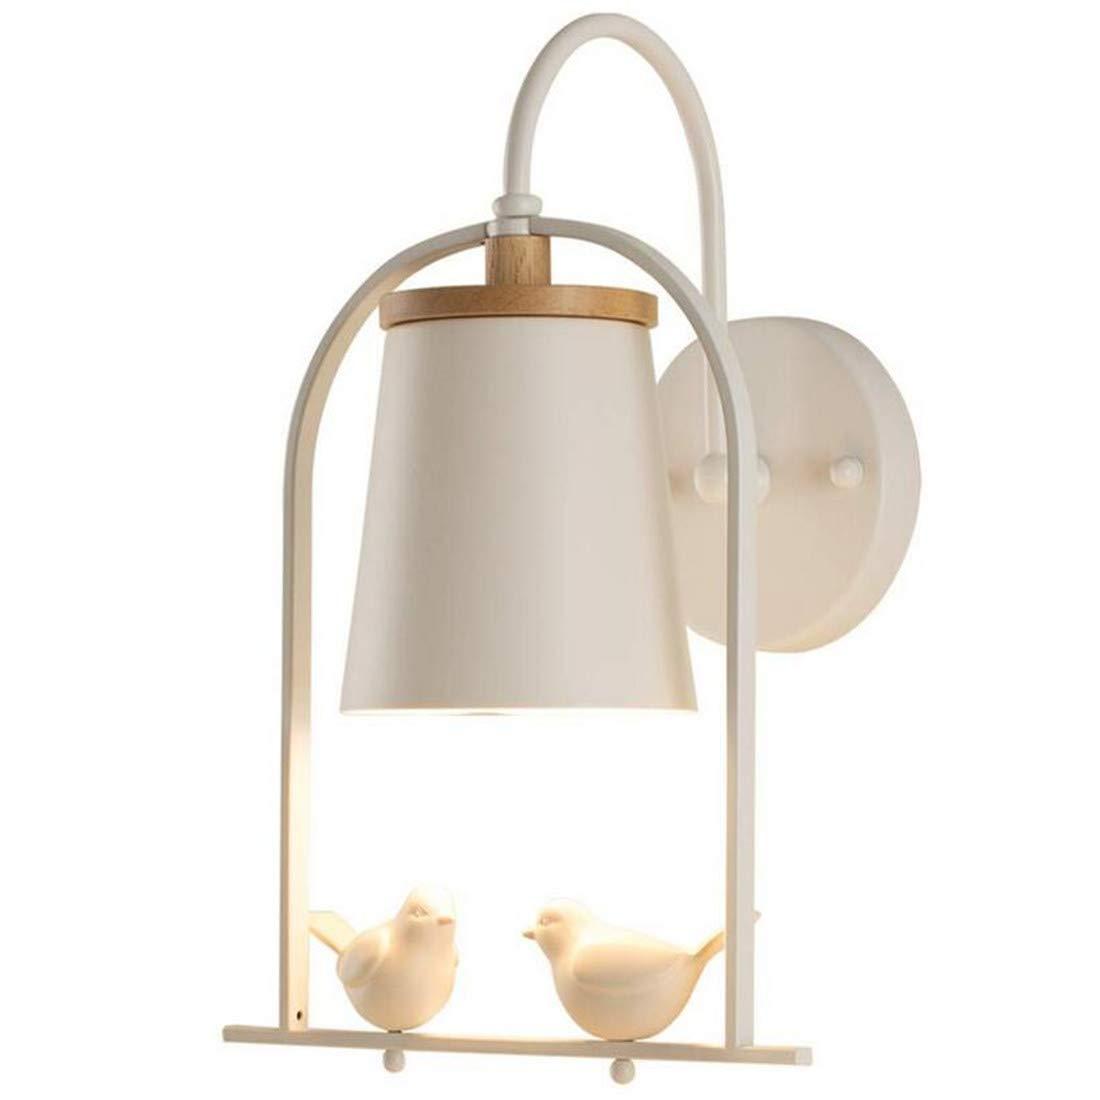 Vintage Chandeliersconce For Children Room Bird Decor Geometric Wall Light Bedside Bedroom Weiß Wood Lighting Fixture,